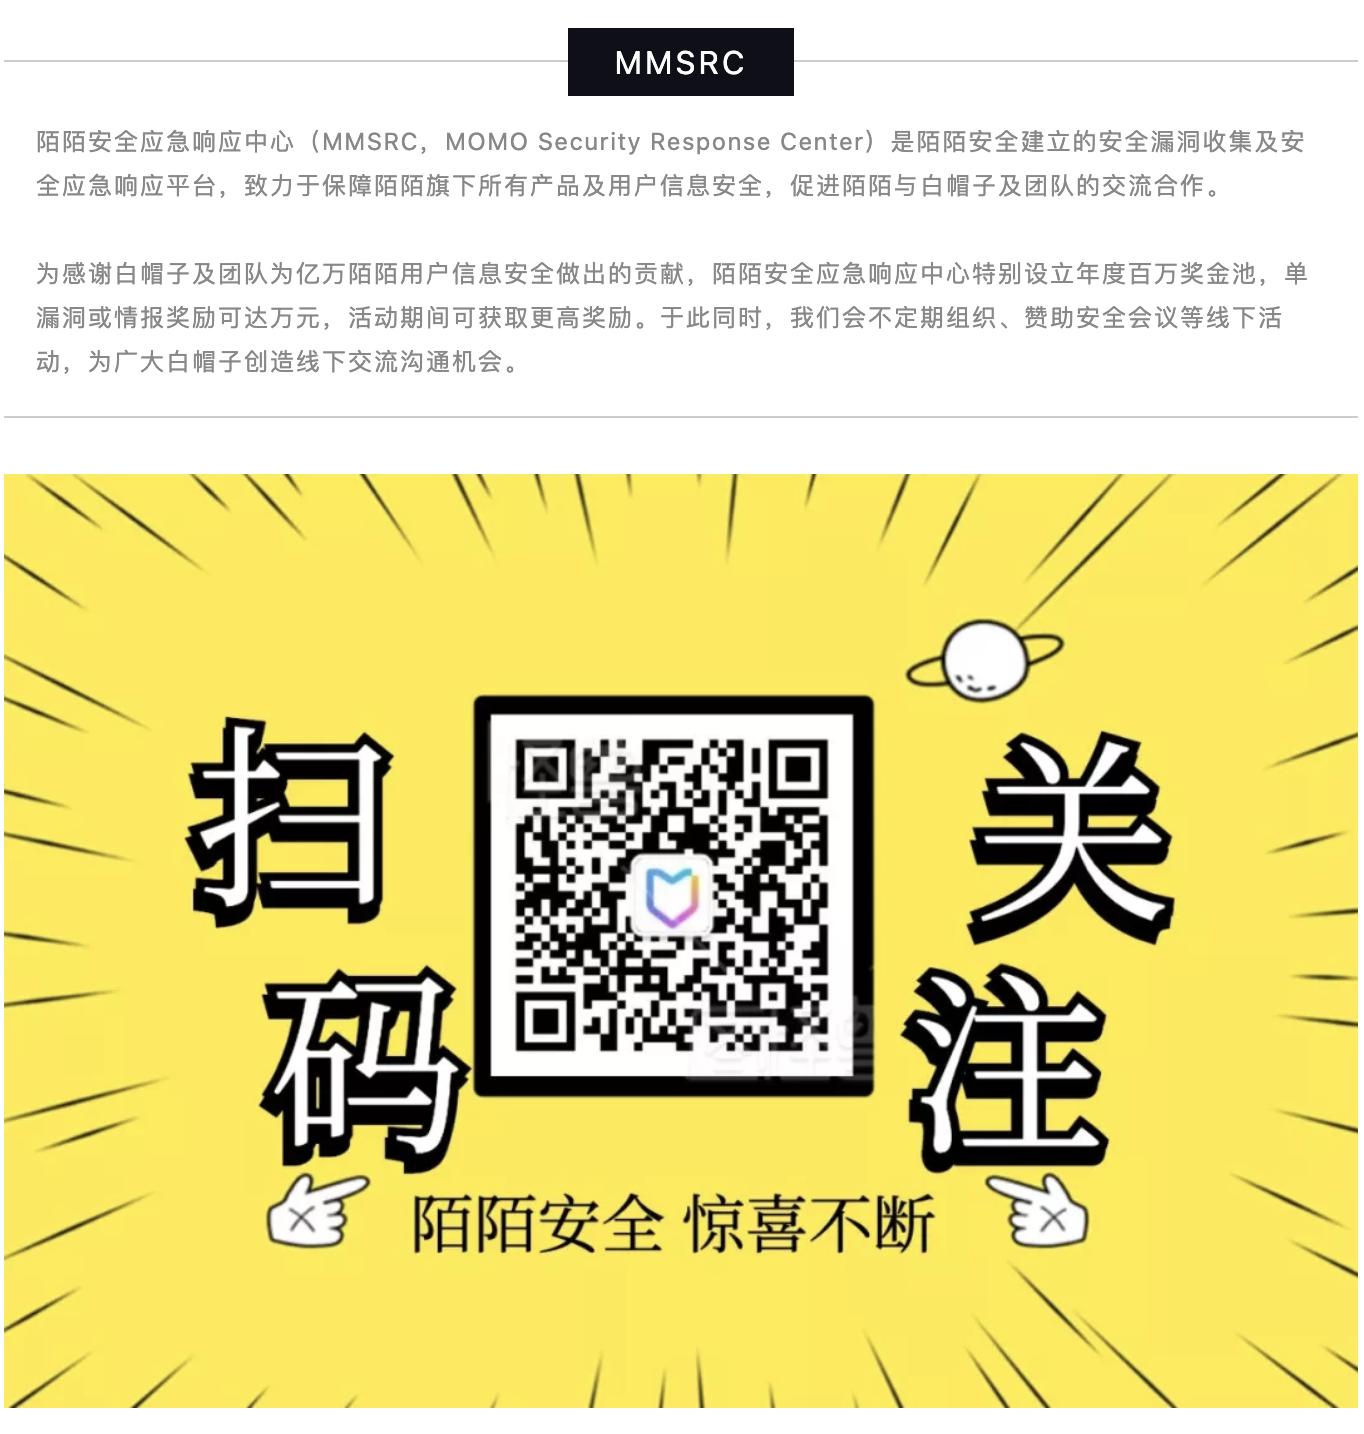 https://momo-mmsrc.oss-cn-hangzhou.aliyuncs.com/img-f6087810-f5b5-3b4e-a728-6aaa87bd4ac4.png